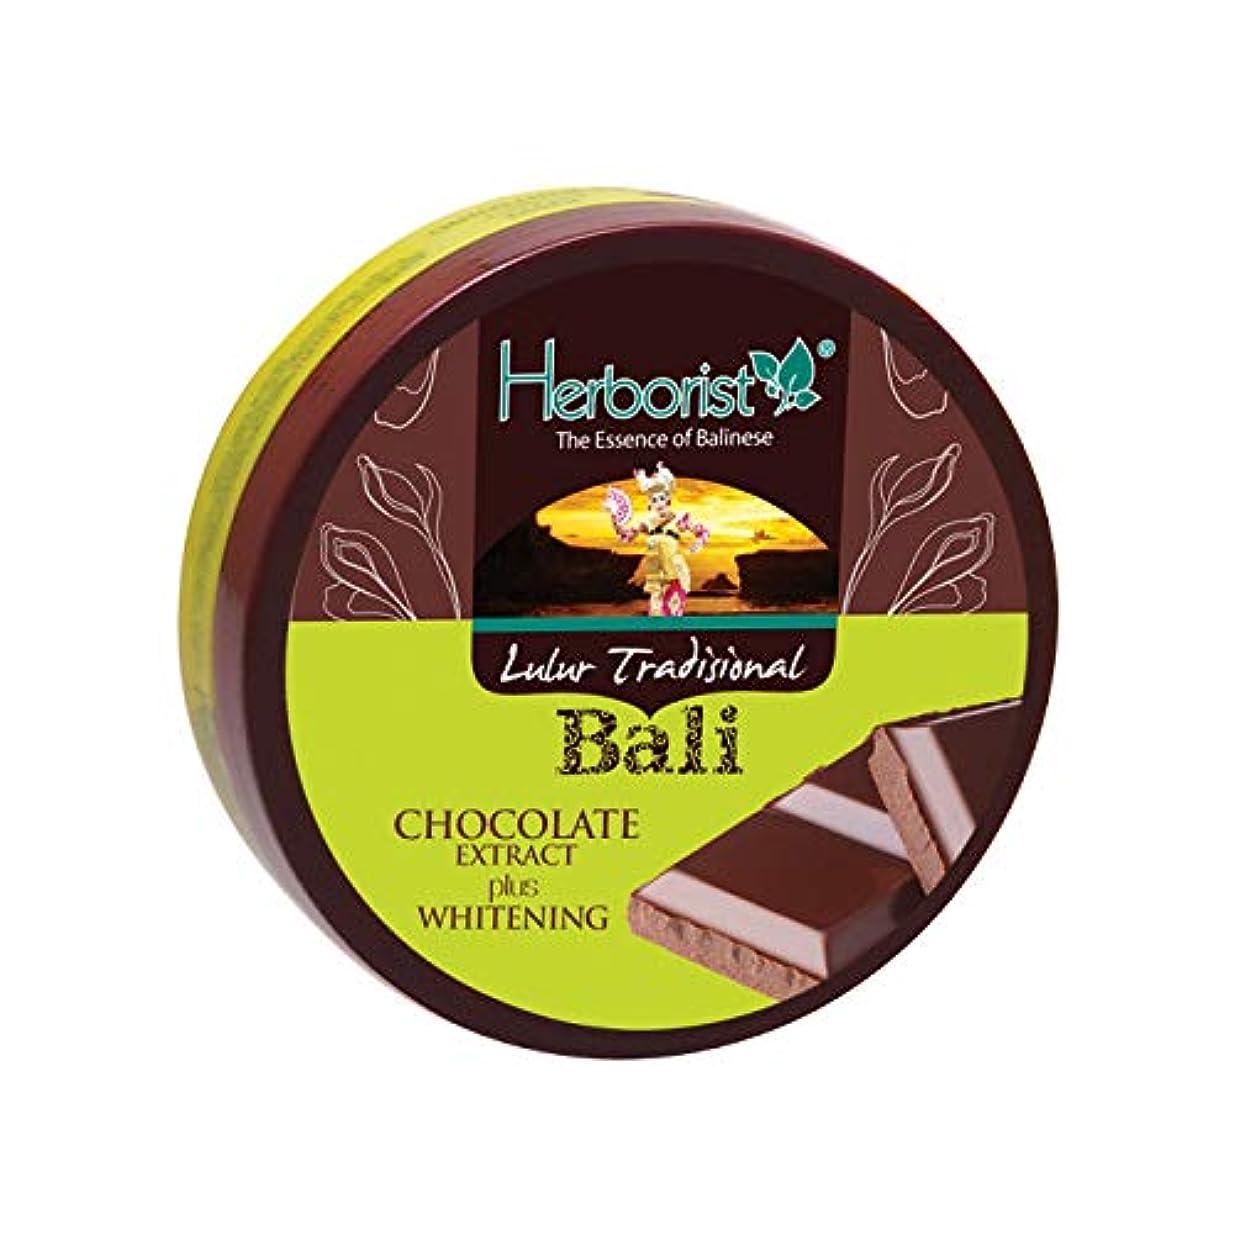 合併症荒涼とした問題Herborist ハーボリスト インドネシアバリ島の伝統的なボディスクラブ Lulur Tradisional Bali ルルールトラディショナルバリ 100g Chocolate チョコレート [海外直送品]